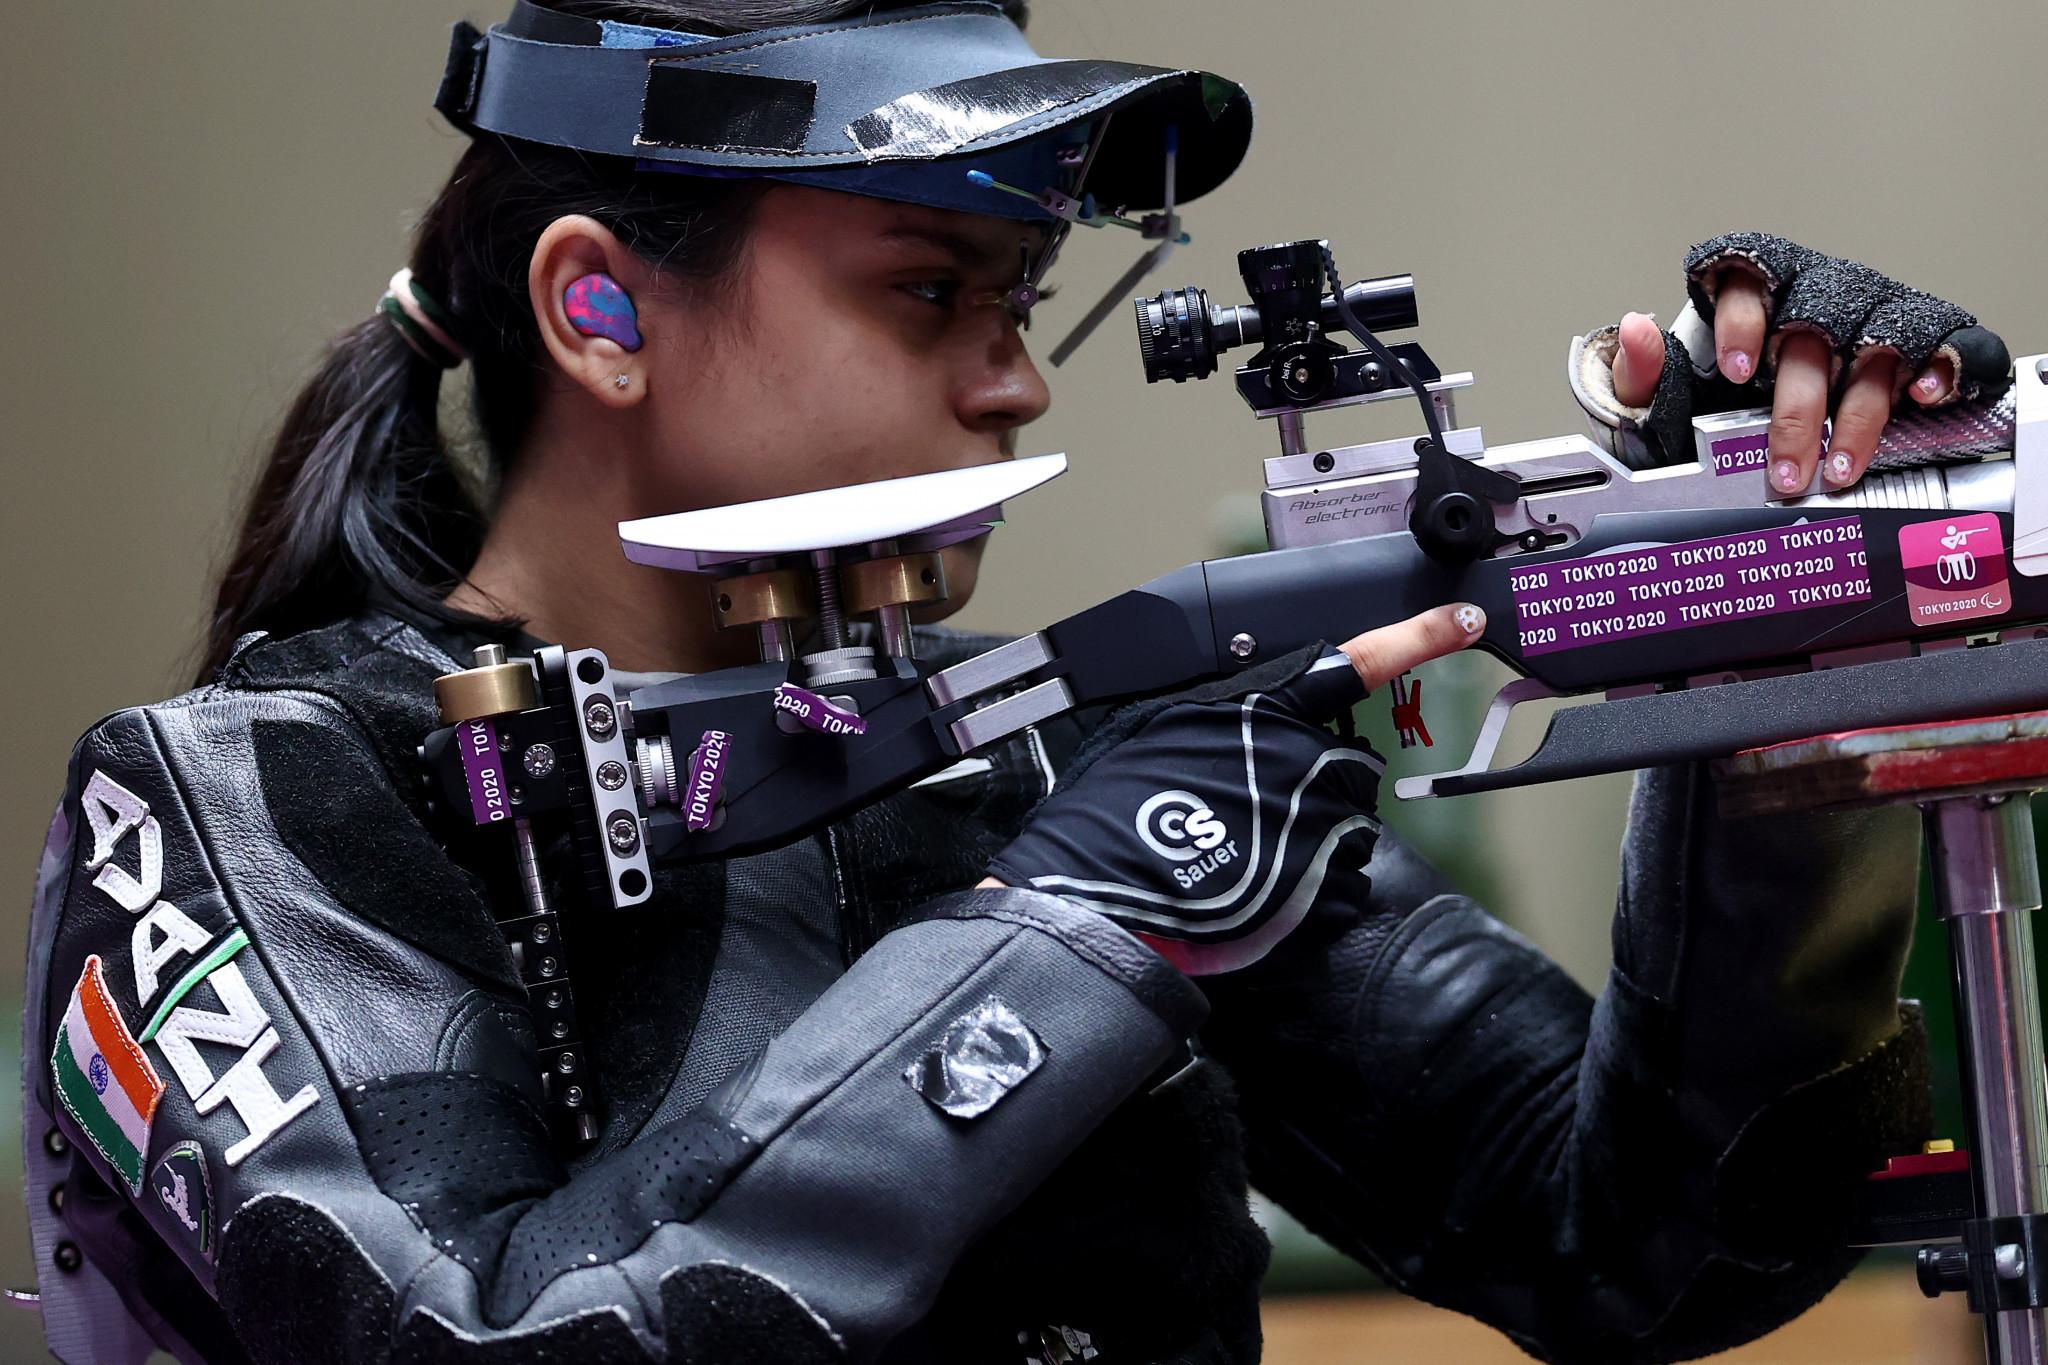 Lekhara wins India's first-ever Paralympic shooting gold at Tokyo 2020